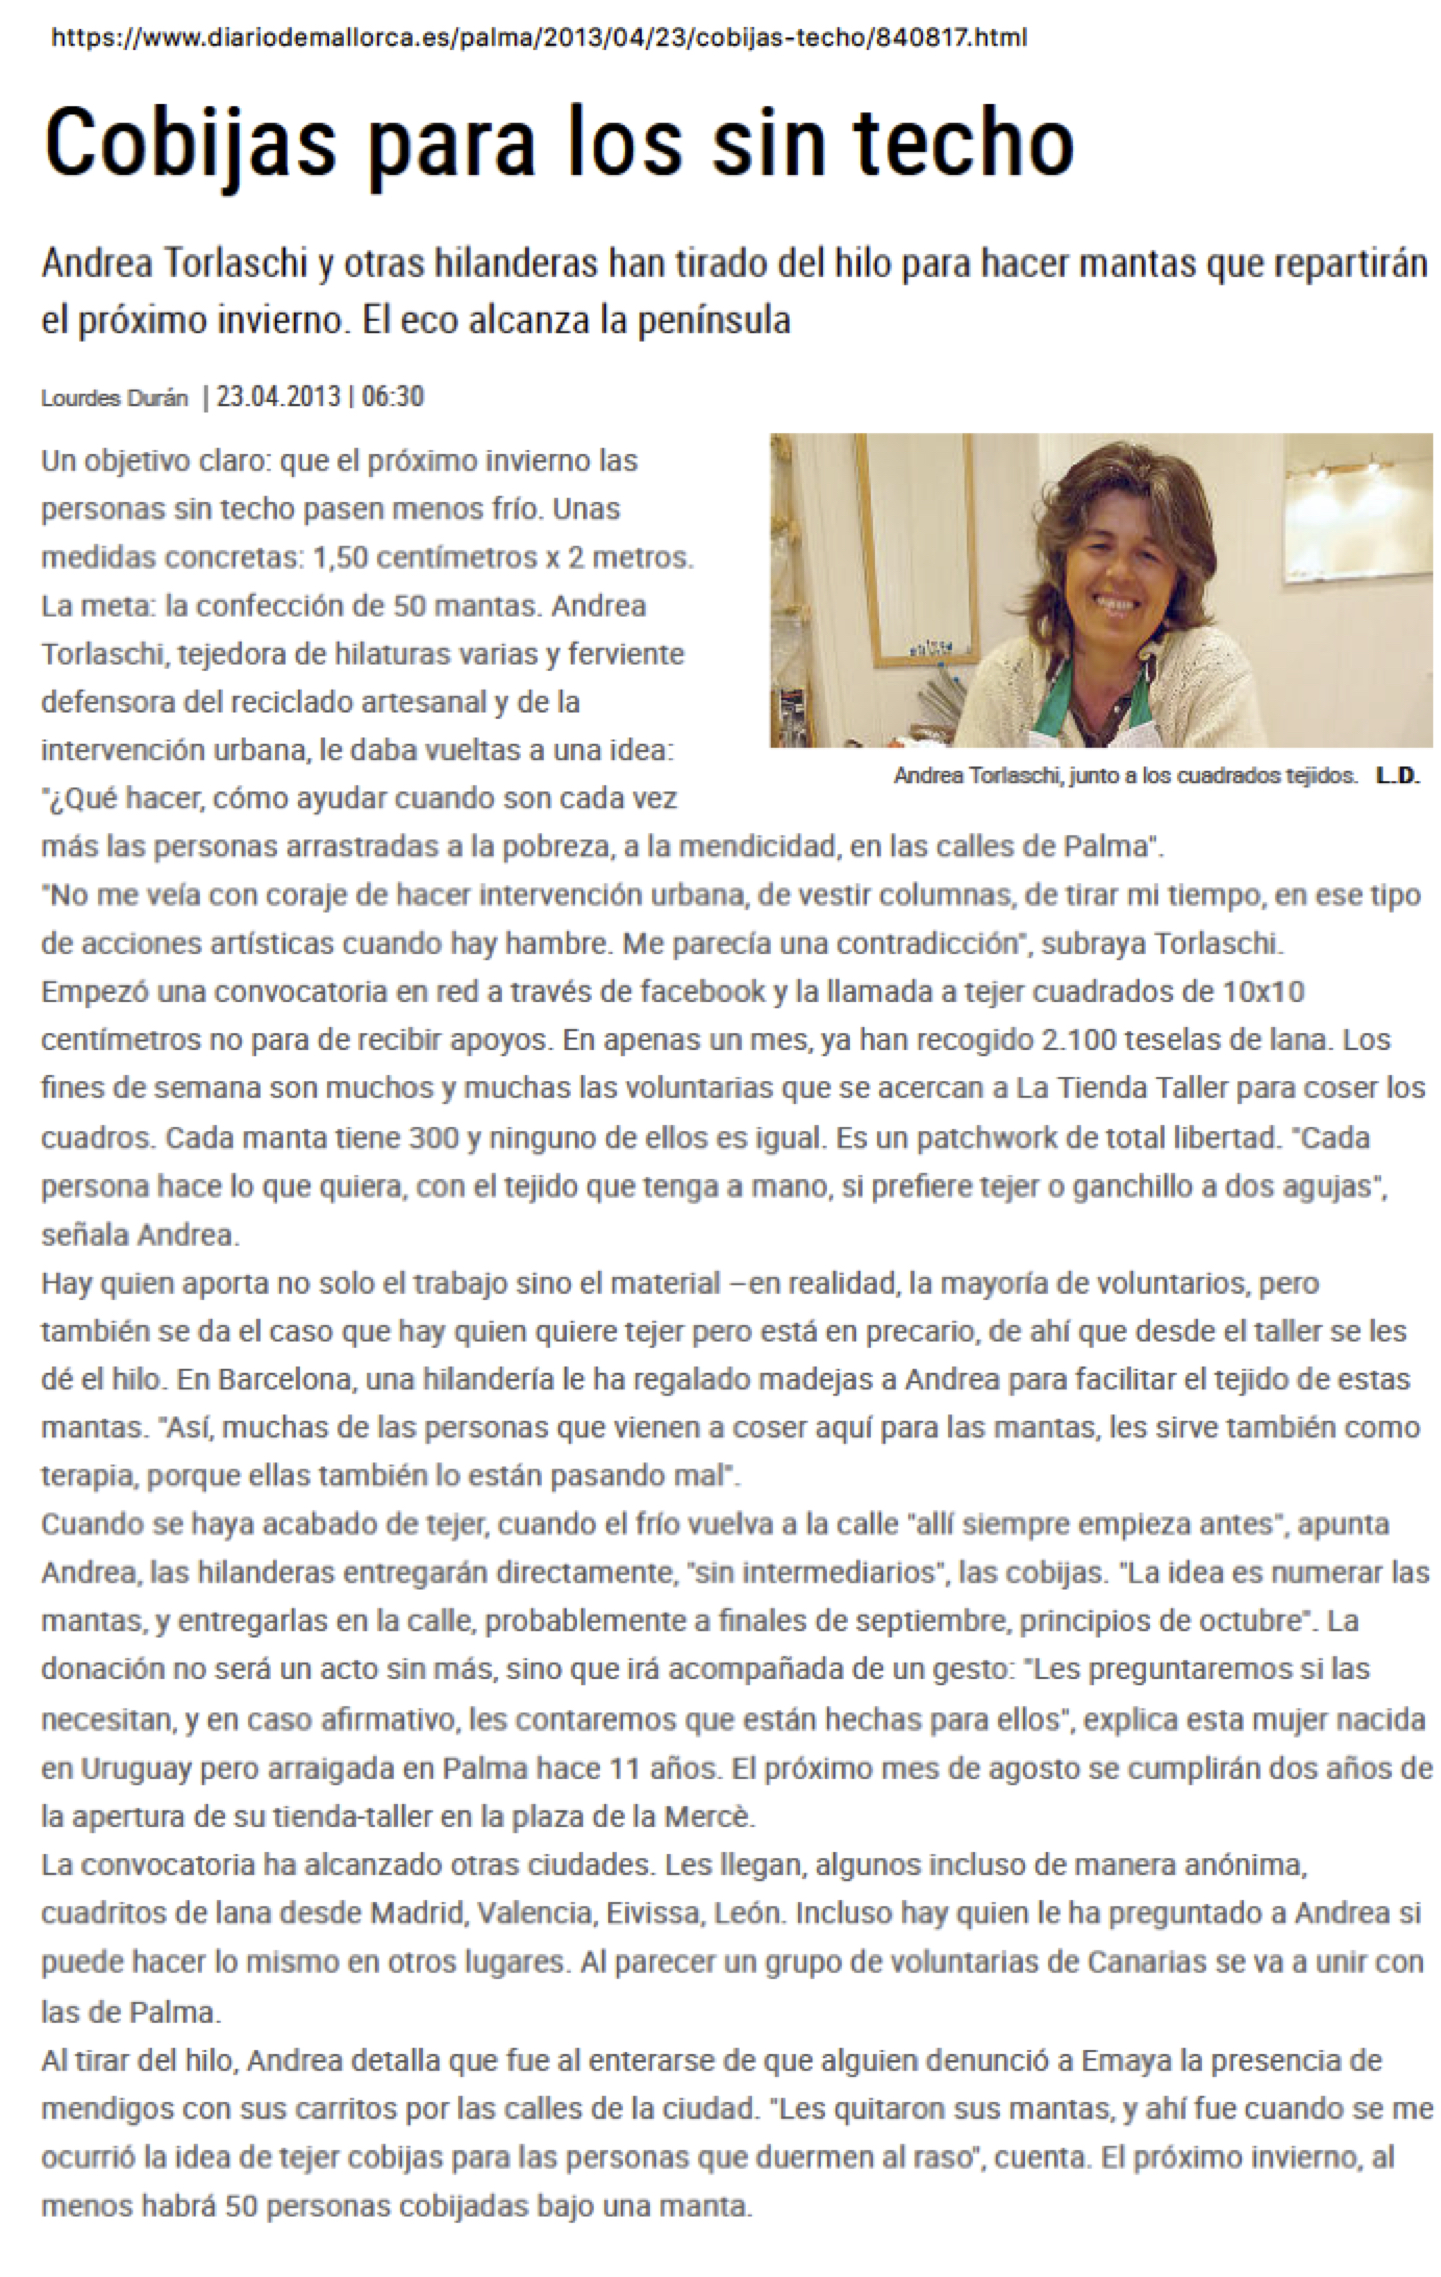 Cobijas para los sin techo - Diario de Mallorca.jpg